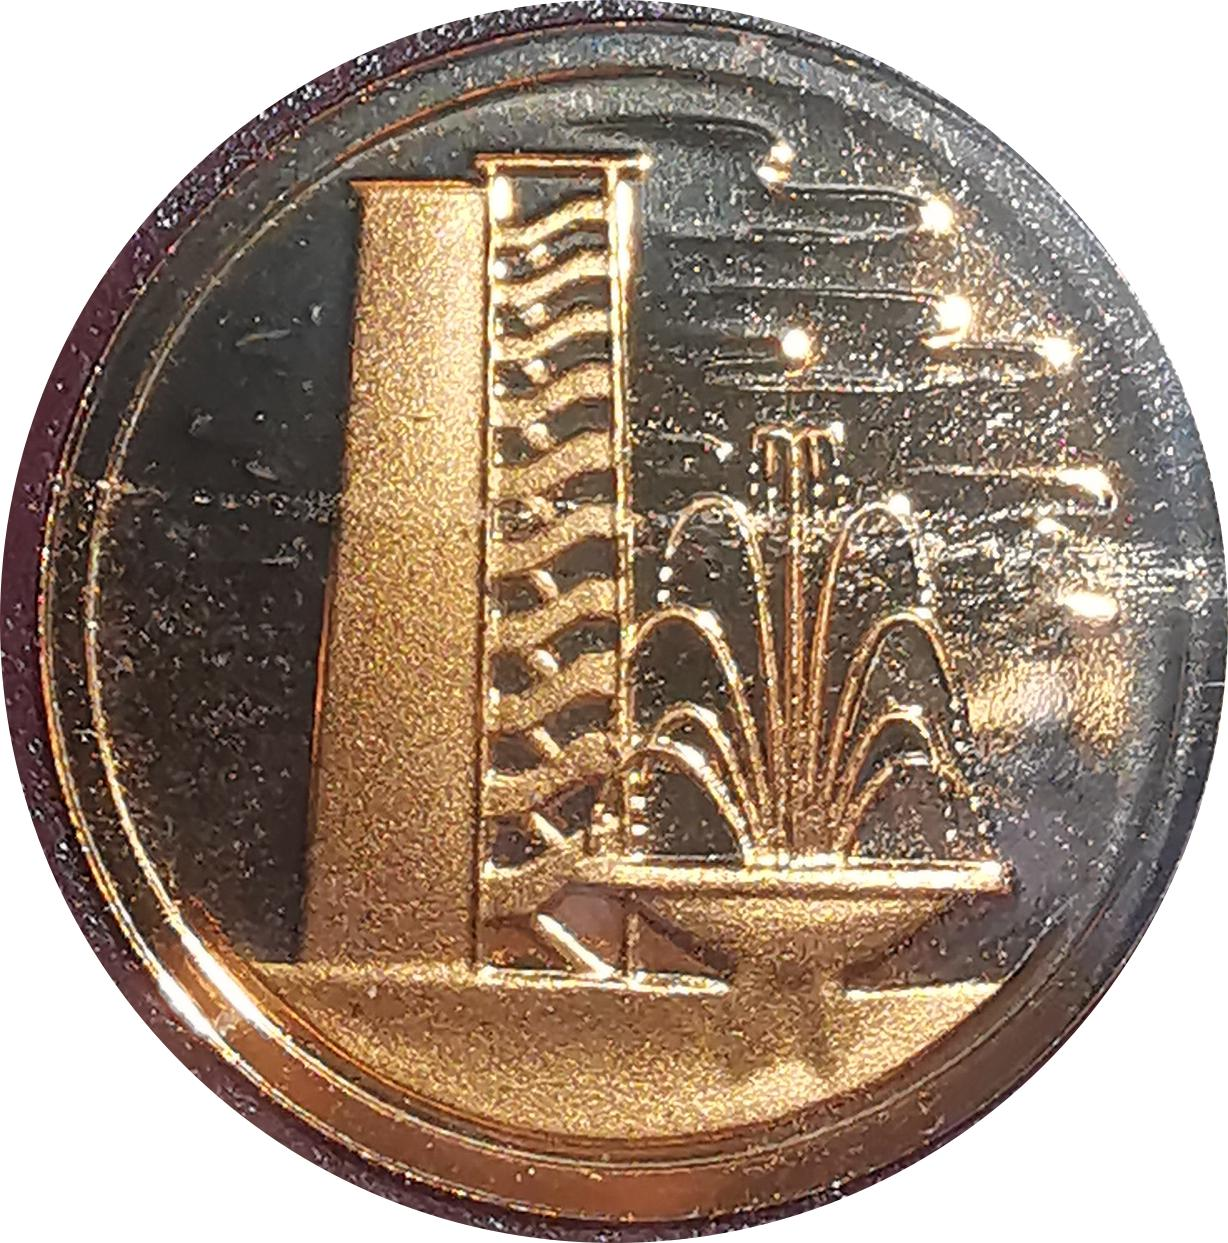 1 Cent (non-magnetic) - Singapore – Numista